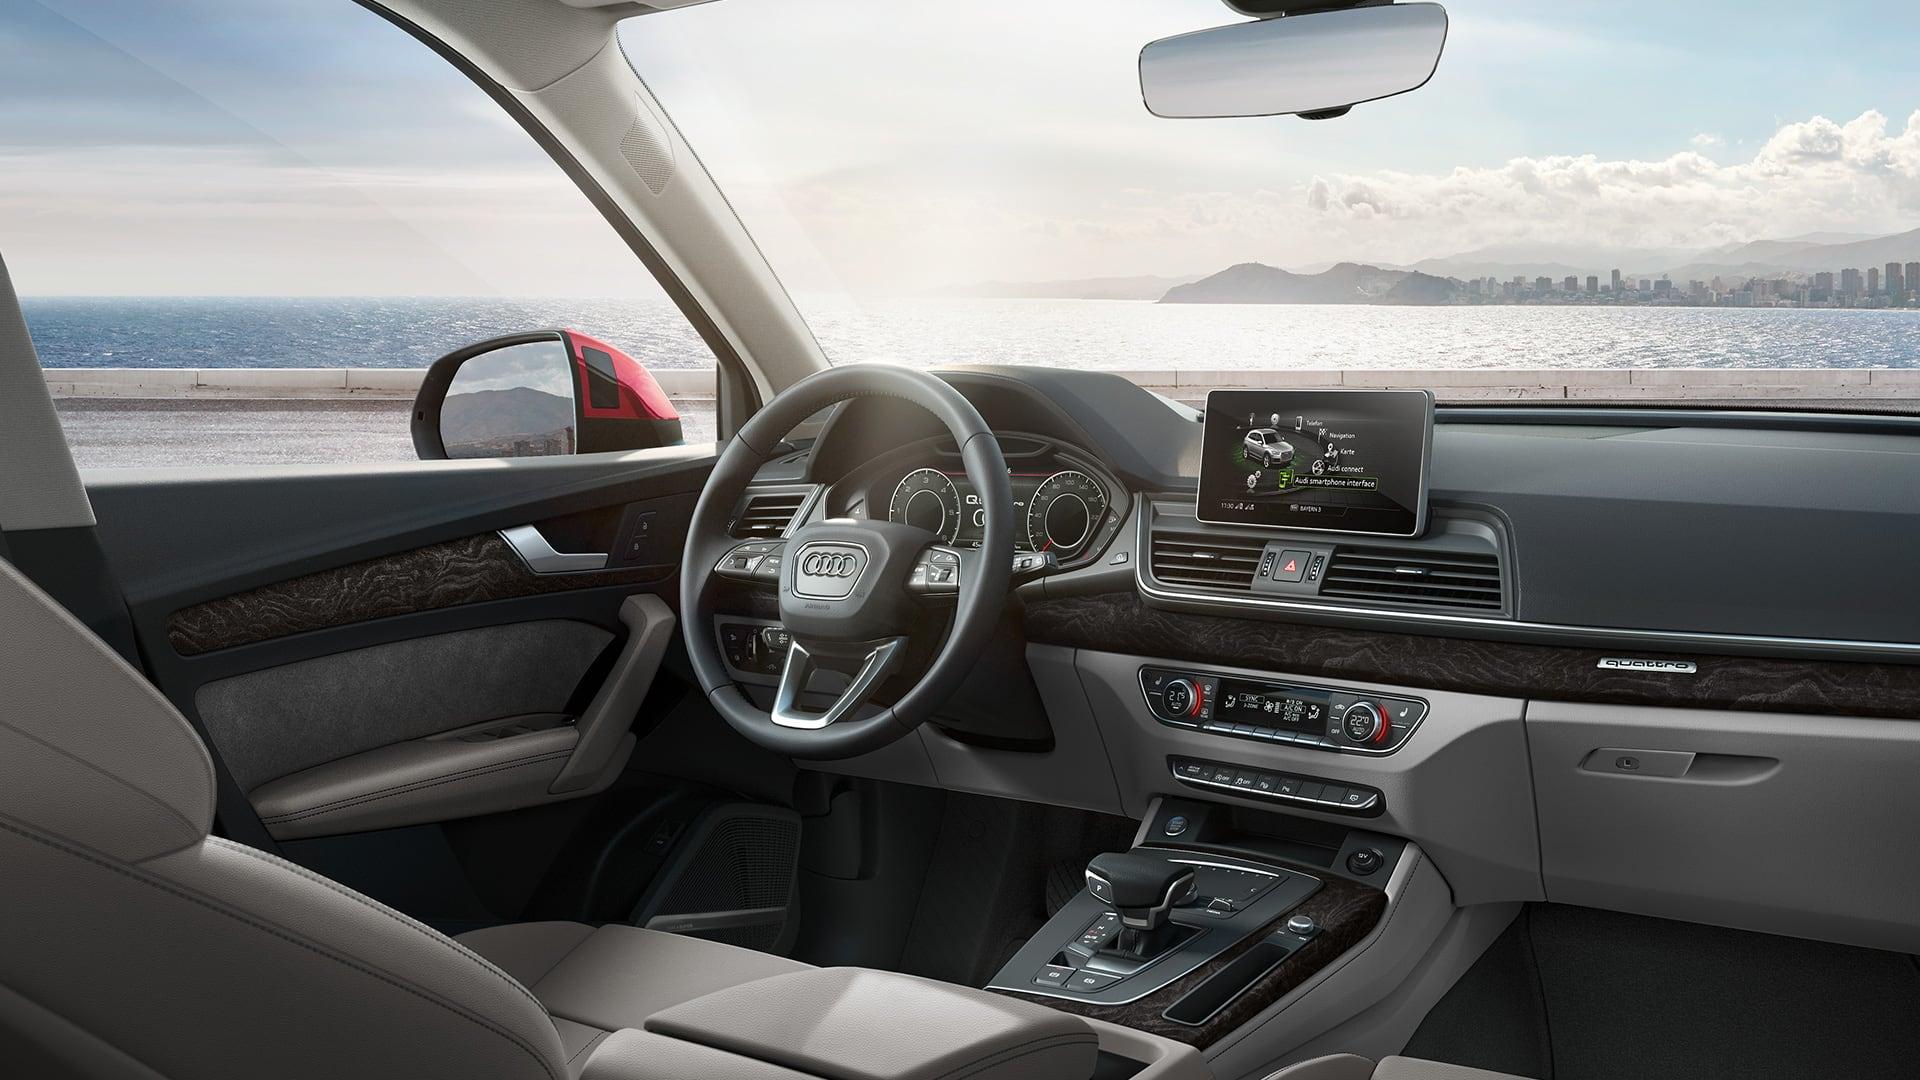 Audi Q Luxury Crossover SUV Audi Australia Q Audi - Audi q5 interior